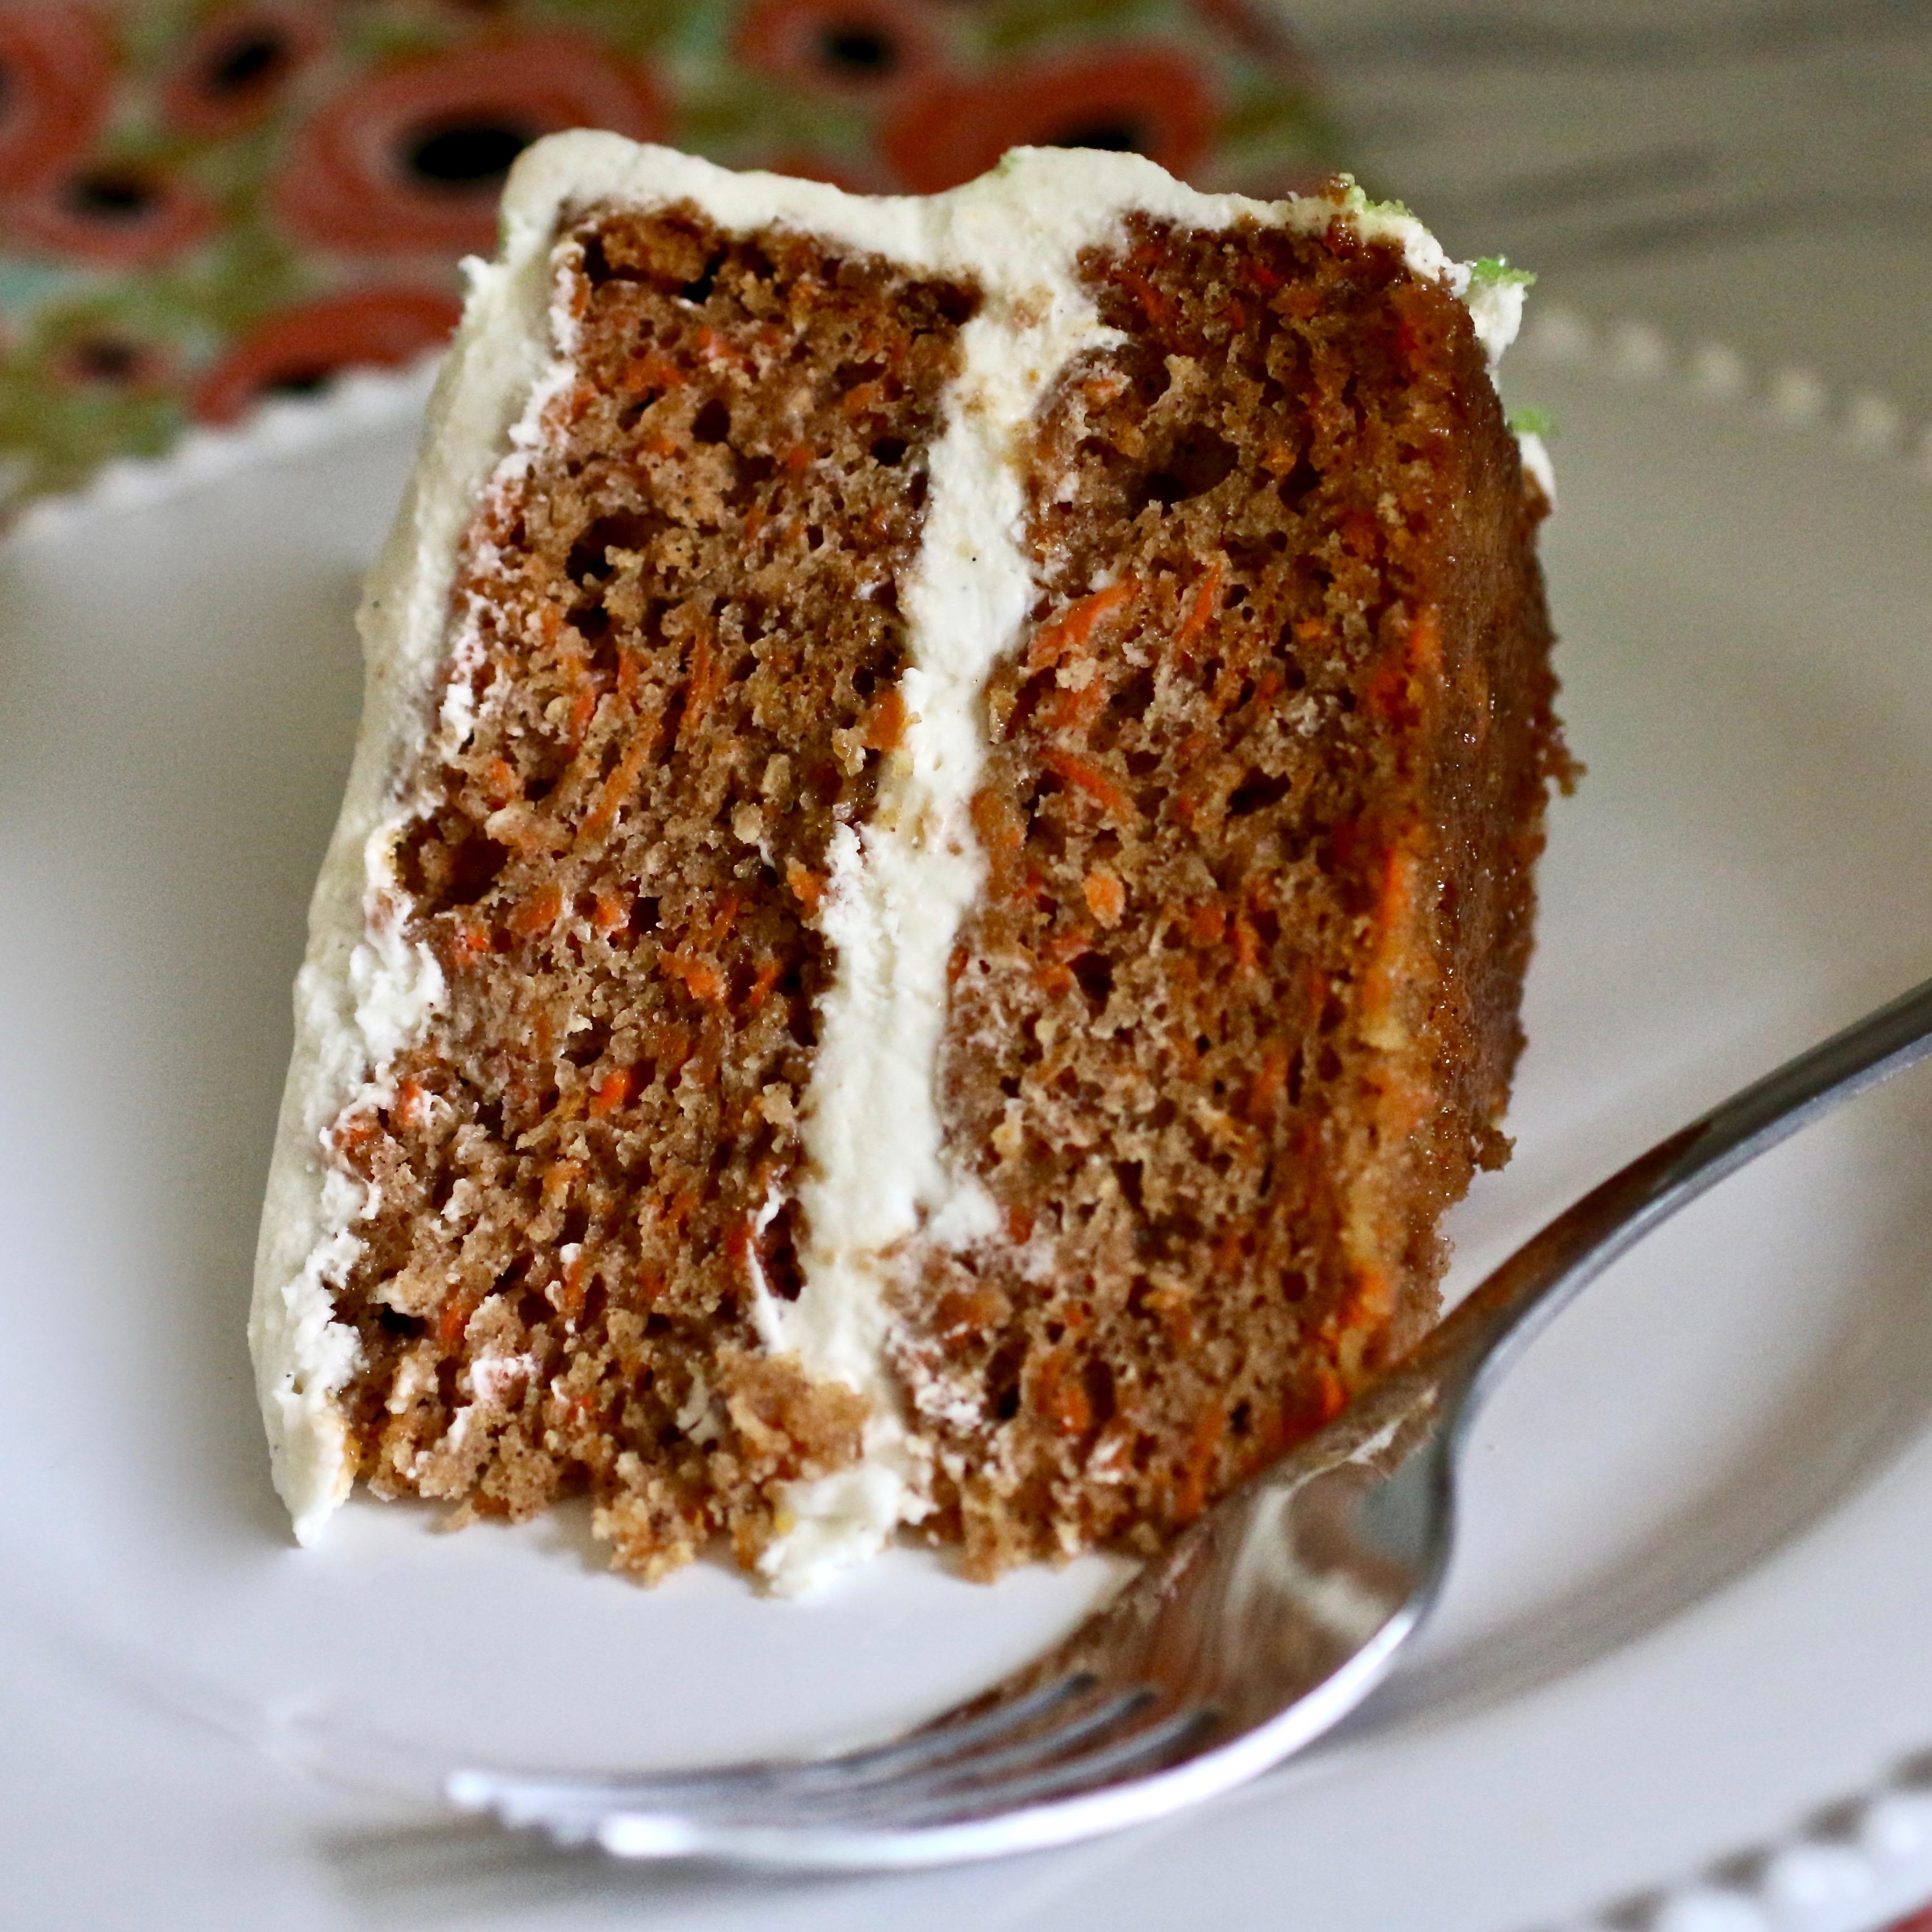 Family-Favorite Gluten-Free Carrot Cake